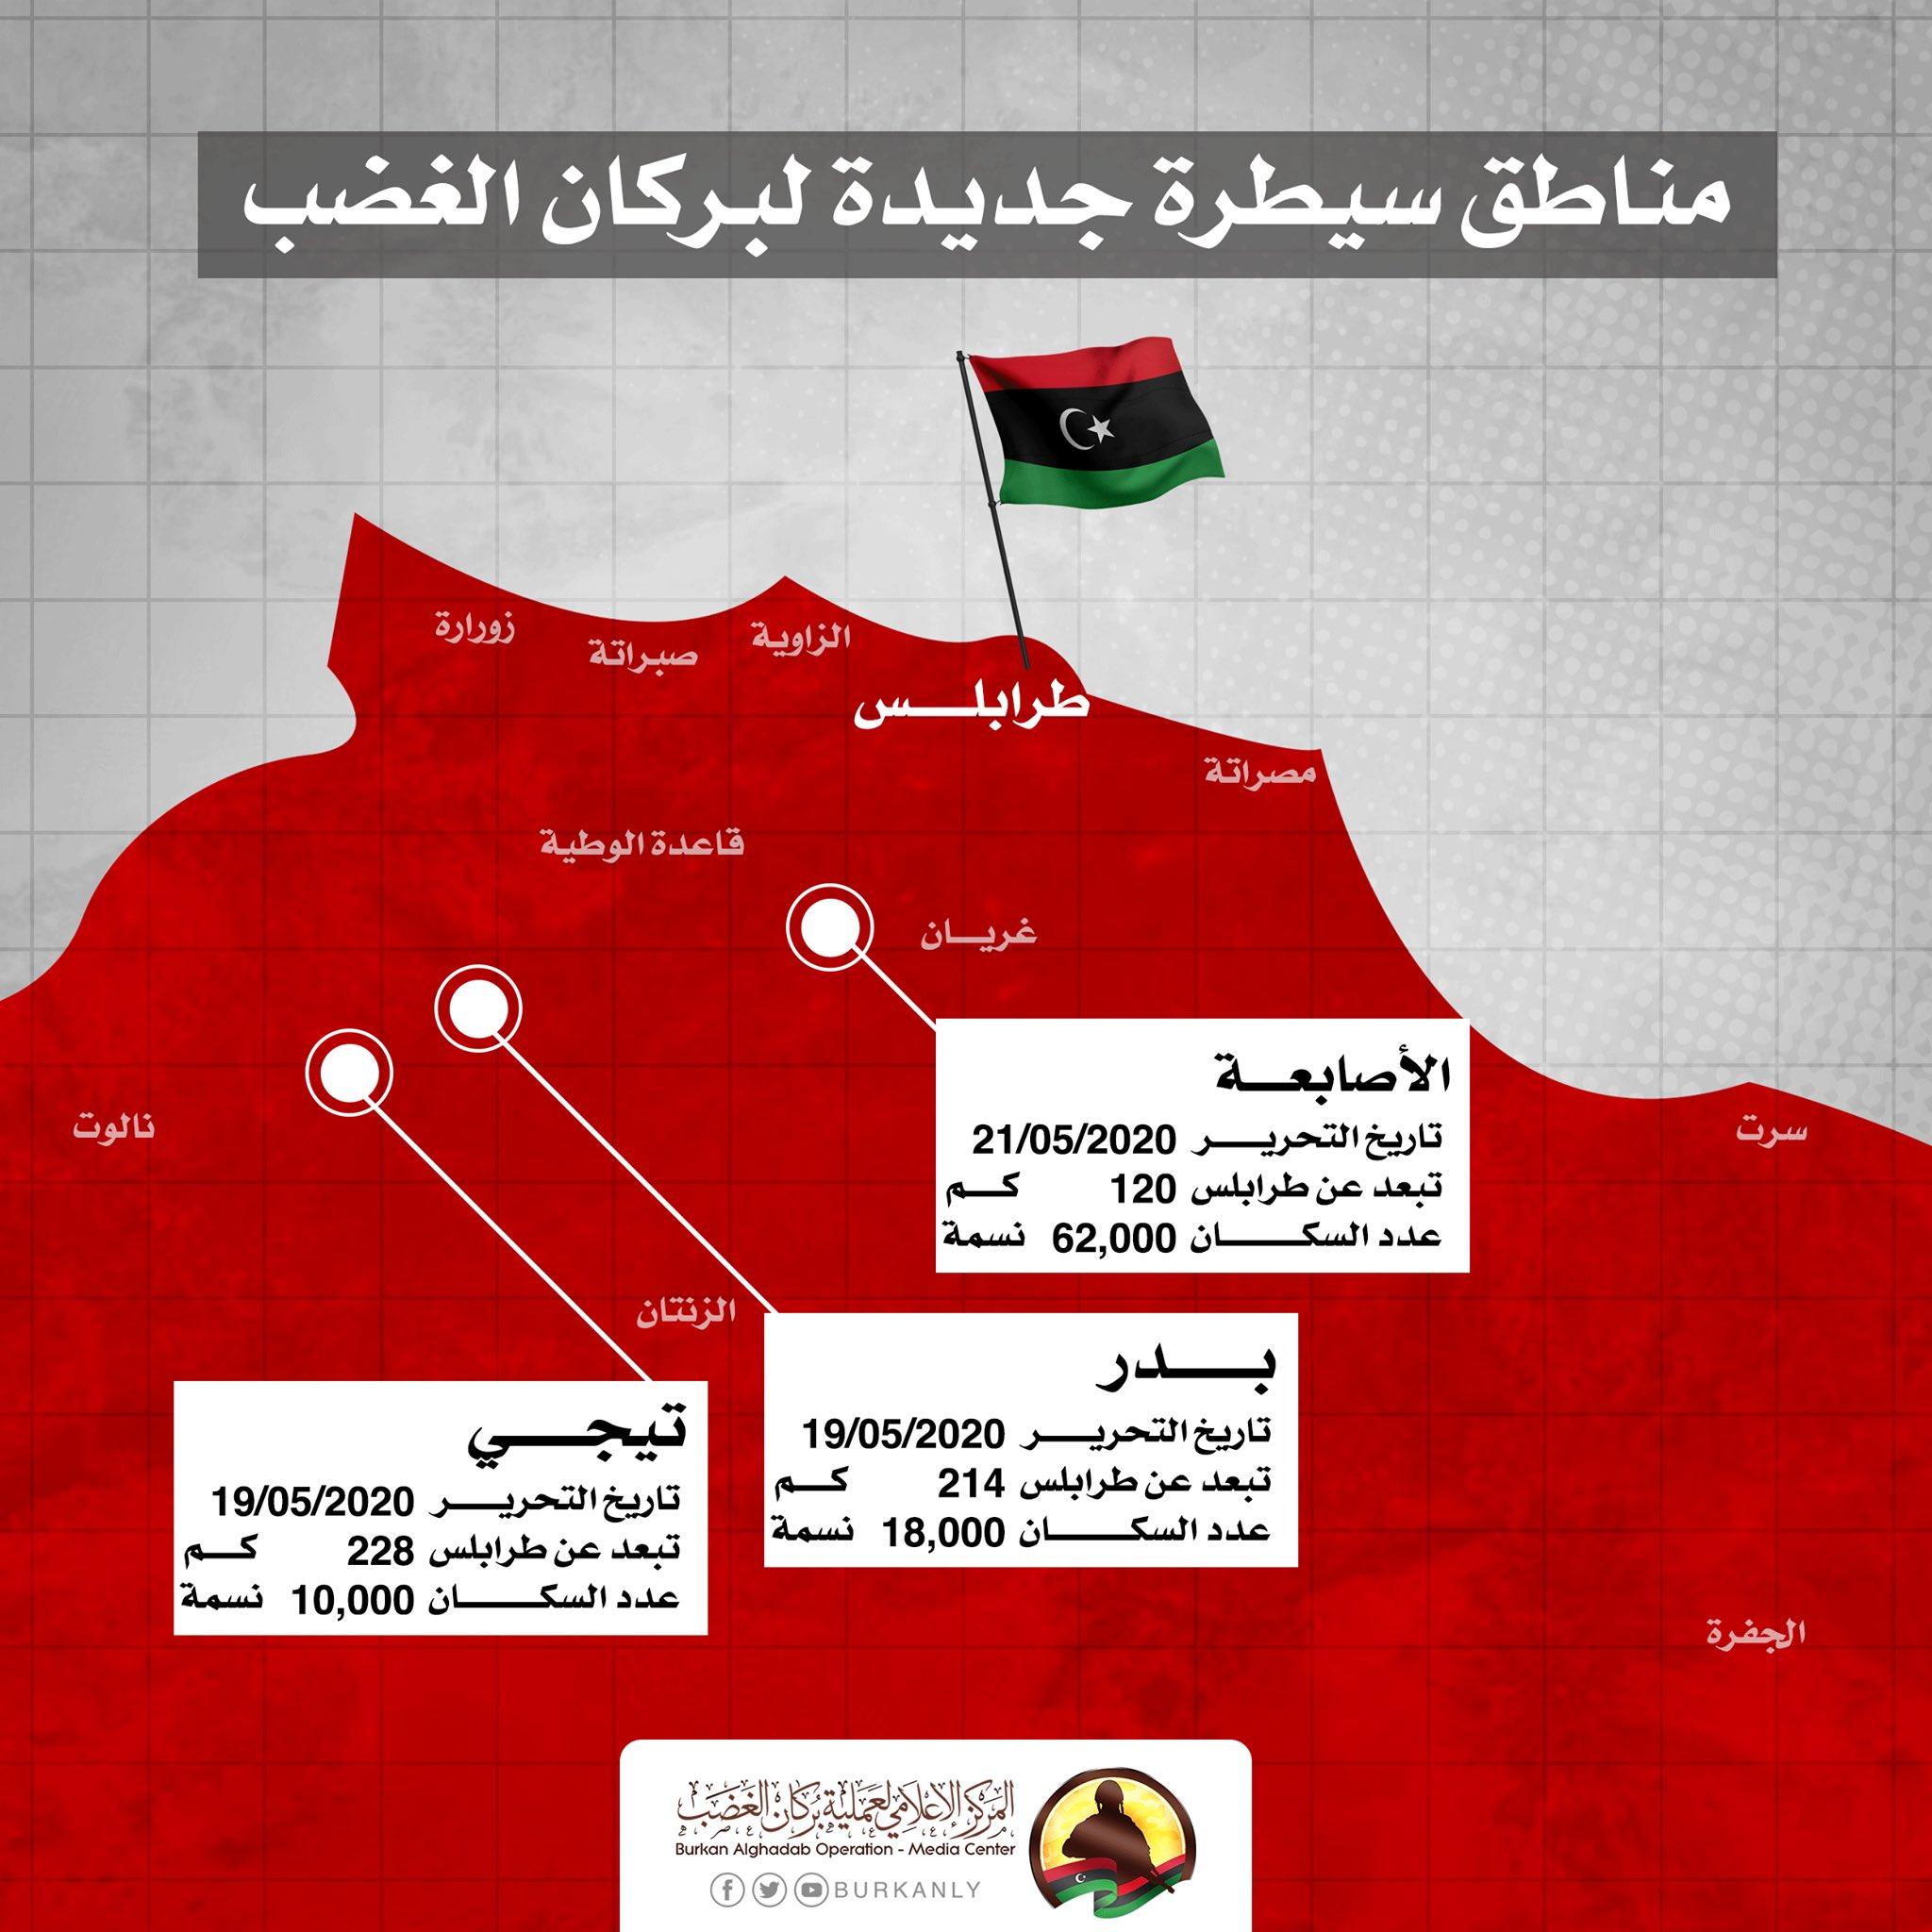 Conflit armé en Libye - Page 2 EYjRdzAWkAEOYBg?format=jpg&name=large